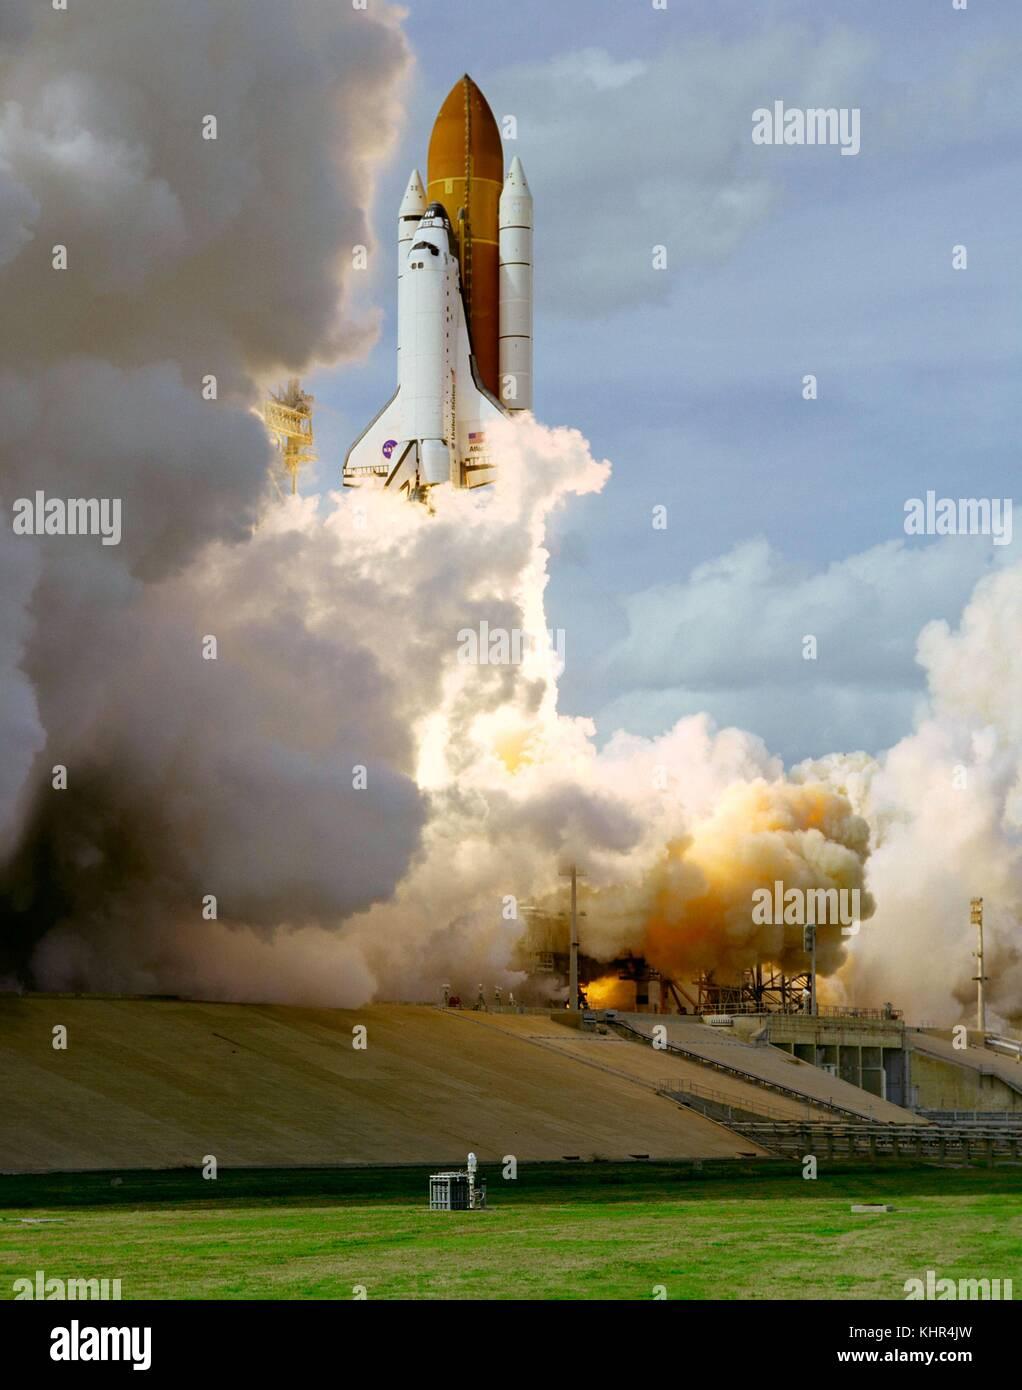 Raketenstart Stockfotos und  bilder Kaufen   Alamy